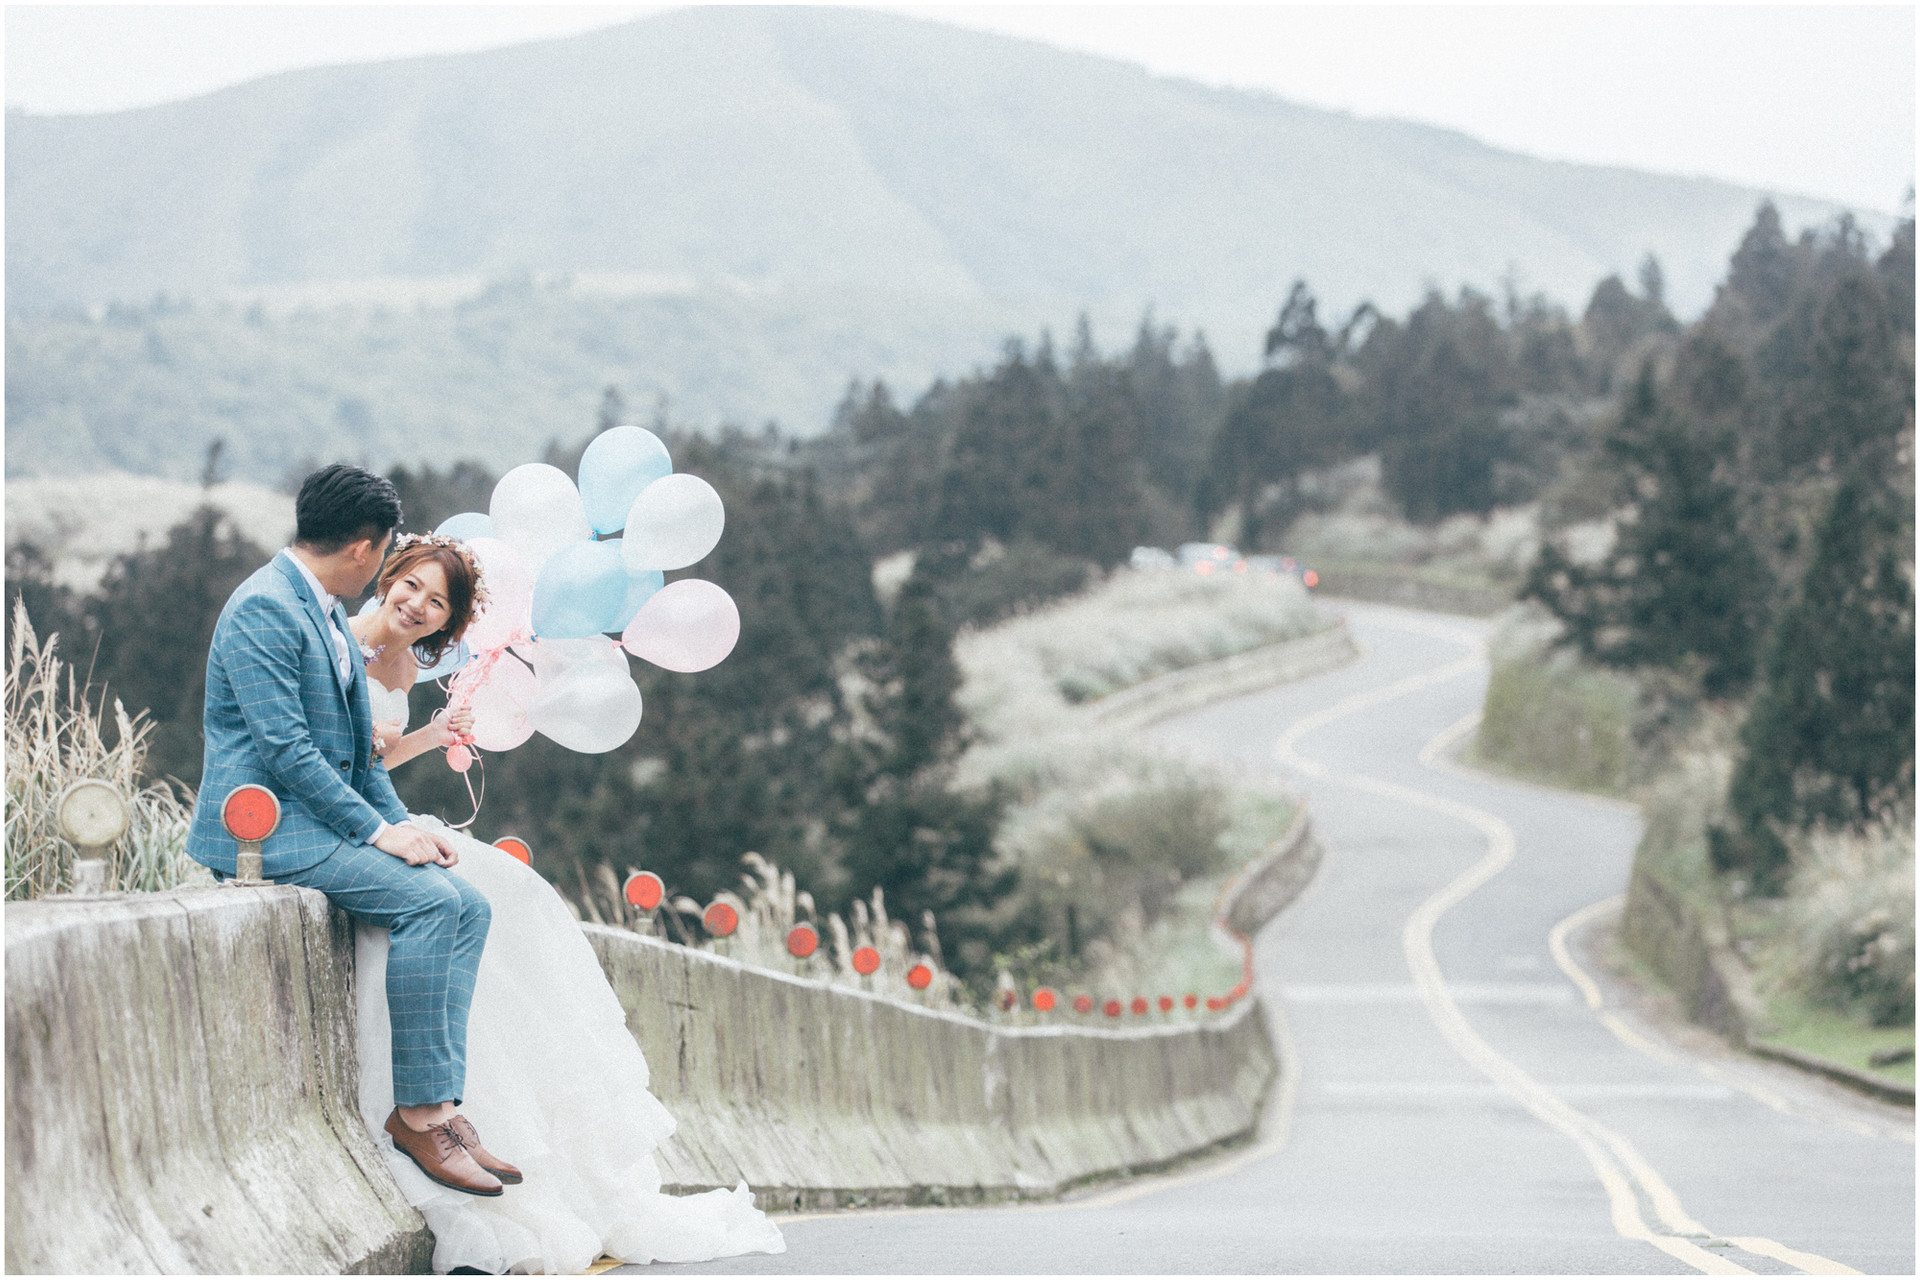 陽明山公路 / 黑森林 / 自主婚紗 / 結婚照 / 攝影棚婚紗 / 自然婚紗 / 素人婚紗